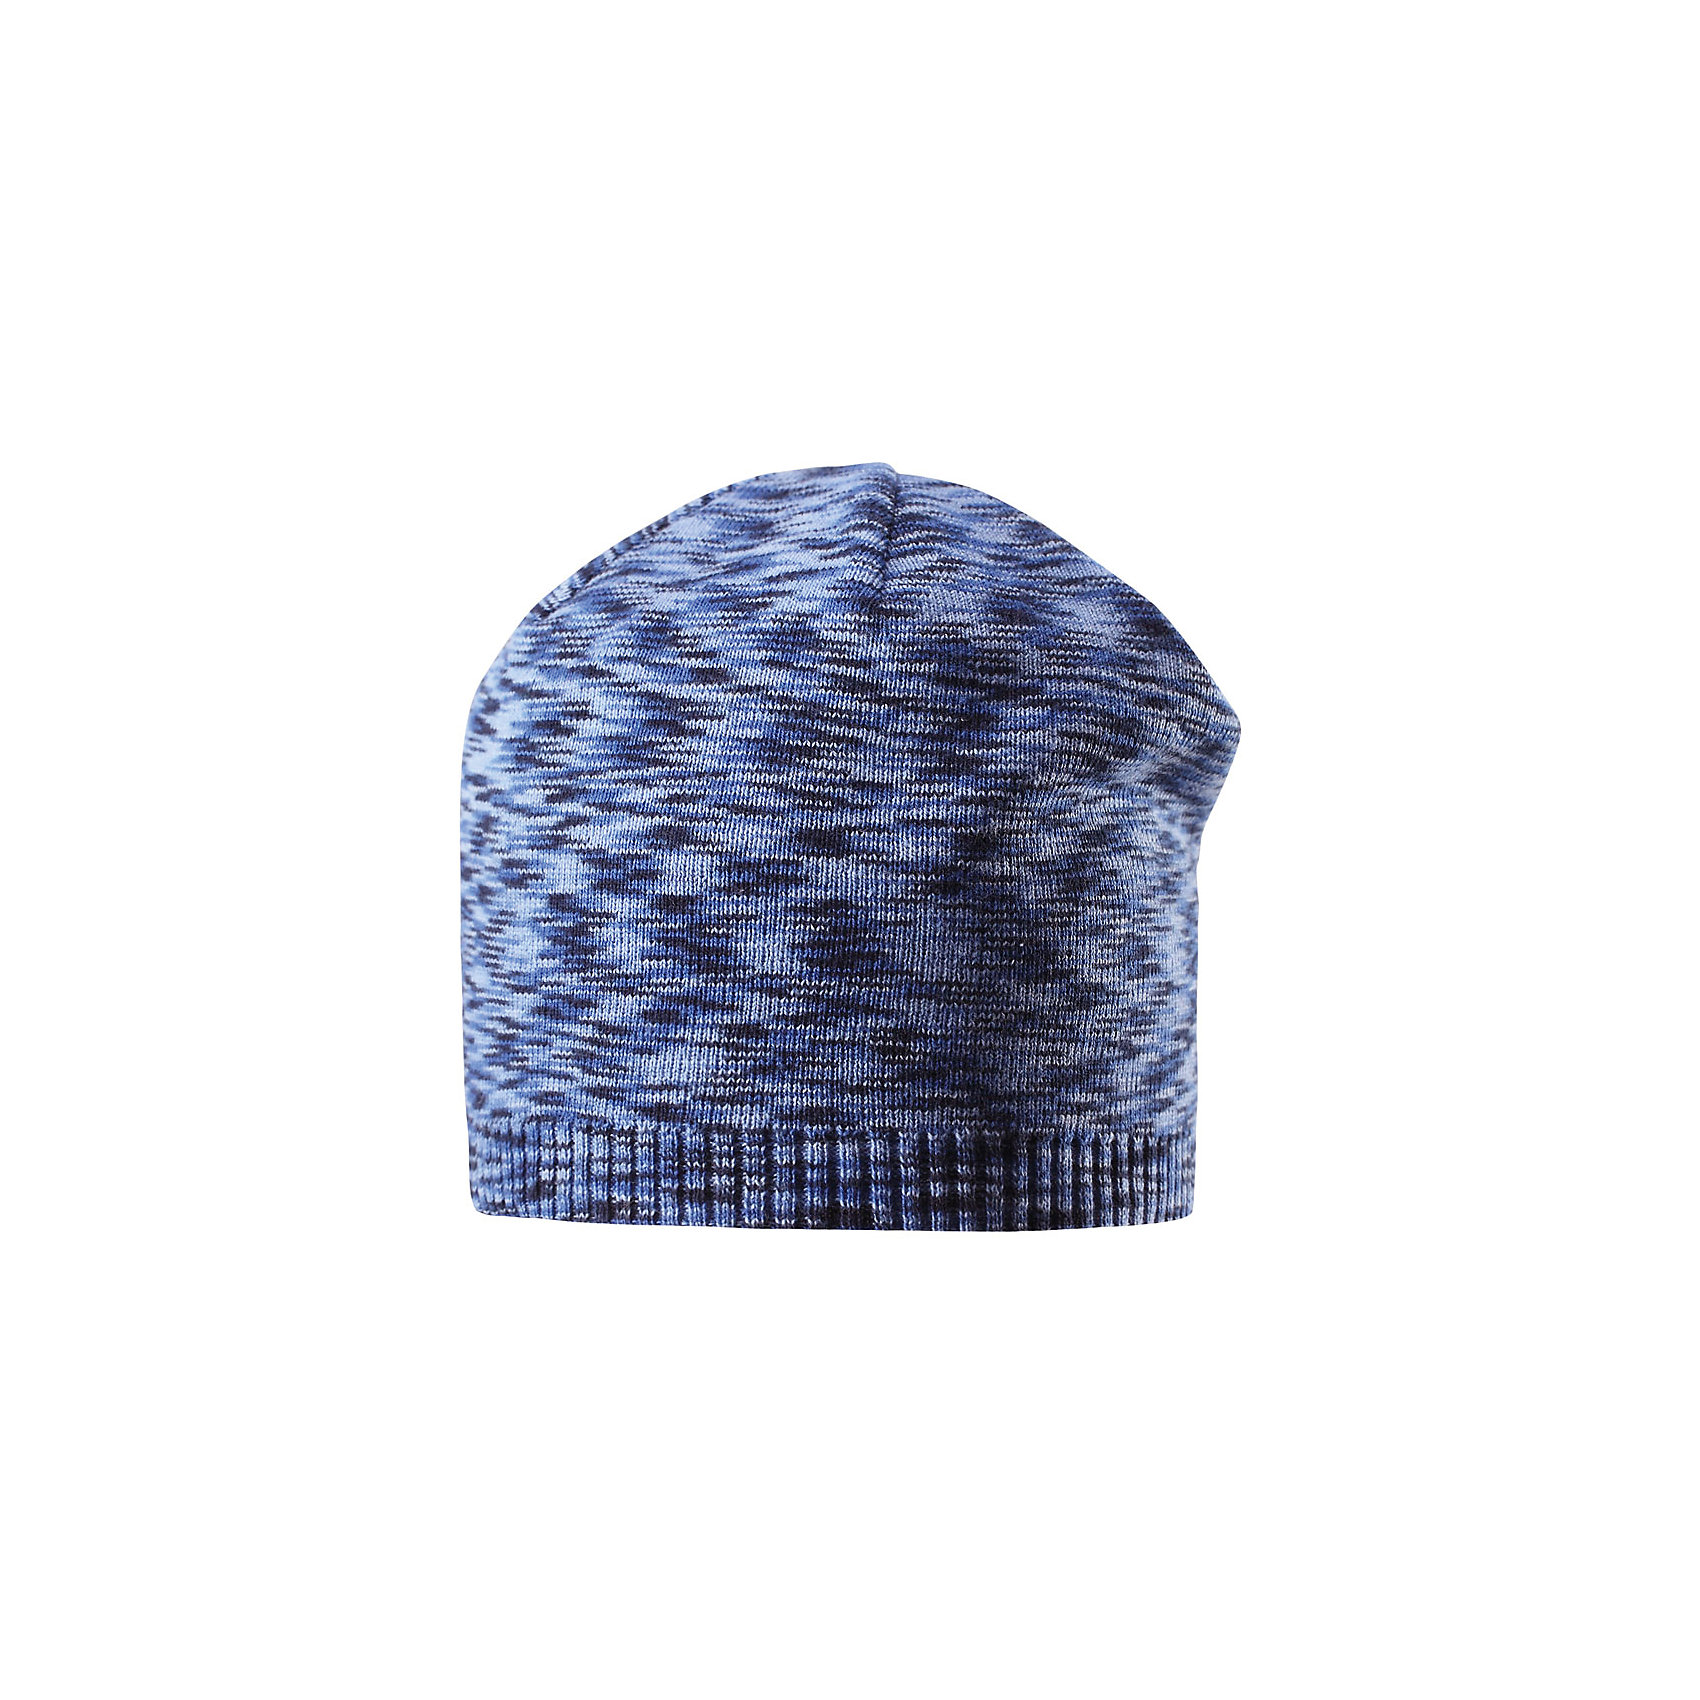 Шапка Liplatus ReimaШапки и шарфы<br>Характеристики товара:<br><br>• цвет: синий<br>• состав: 100% хлопок<br>• температурный режим: от 10С<br>• эластичный хлопковый трикотаж<br>• изделие сертифицированно по стандарту Oeko-Tex на продукция класса 2 - одежда, контактирующая с кожей<br>• облегчённая модель без подкладки<br>• эмблема Reima сзади<br>• страна бренда: Финляндия<br>• страна производства: Китай<br><br>Детский головной убор может быть модным и удобным одновременно! Стильная шапка поможет обеспечить ребенку комфорт и дополнить наряд. Шапка удобно сидит и аккуратно выглядит. Проста в уходе, долго служит.<br><br>Уход:<br><br>• сирать по отдельности, вывернув наизнанку<br>• придать первоначальную форму вo влажном виде<br>• возможна усадка 5 %.<br><br>Шапку для мальчика от финского бренда Reima (Рейма) можно купить в нашем интернет-магазине.<br><br>Ширина мм: 89<br>Глубина мм: 117<br>Высота мм: 44<br>Вес г: 155<br>Цвет: синий<br>Возраст от месяцев: 24<br>Возраст до месяцев: 60<br>Пол: Унисекс<br>Возраст: Детский<br>Размер: 52,54,56,50,48<br>SKU: 5267814